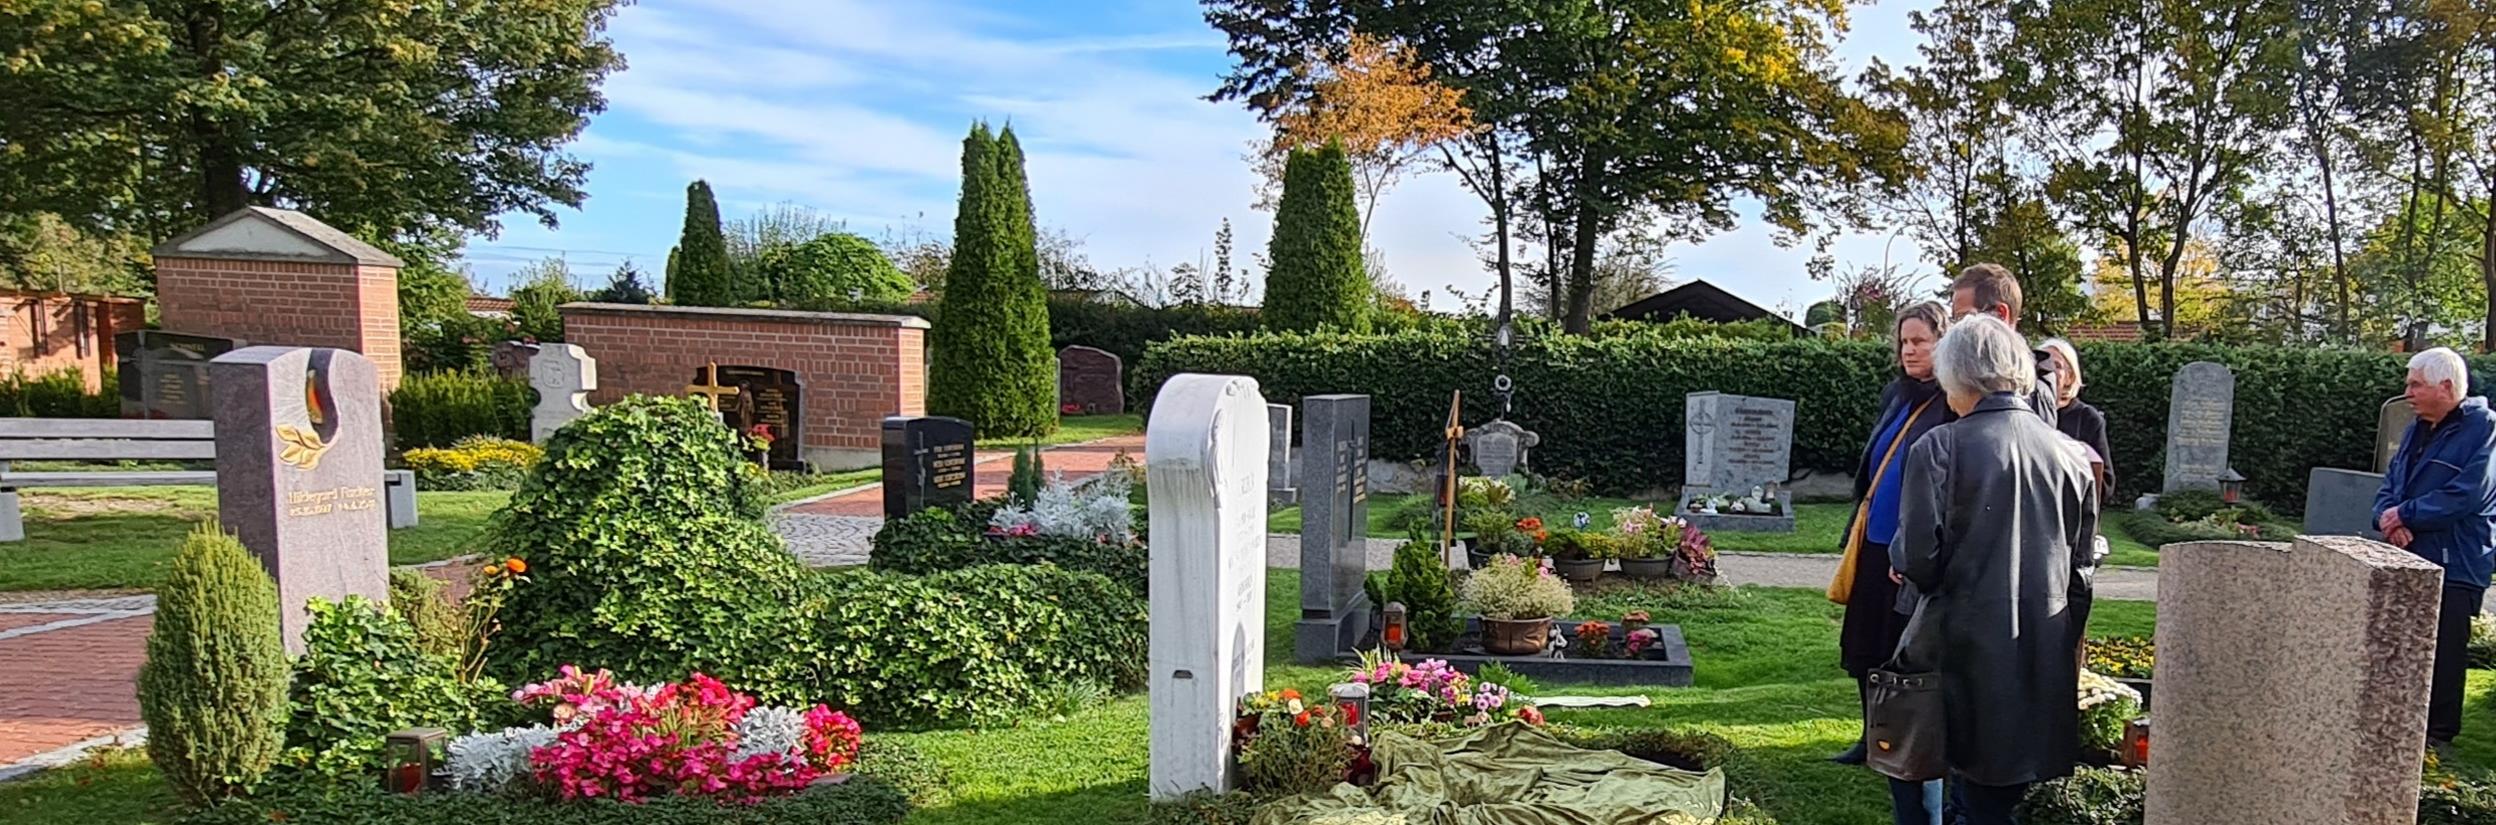 Urnenbeisetzung in Haimhausen - Trauerfeier mit Christian G. Binder